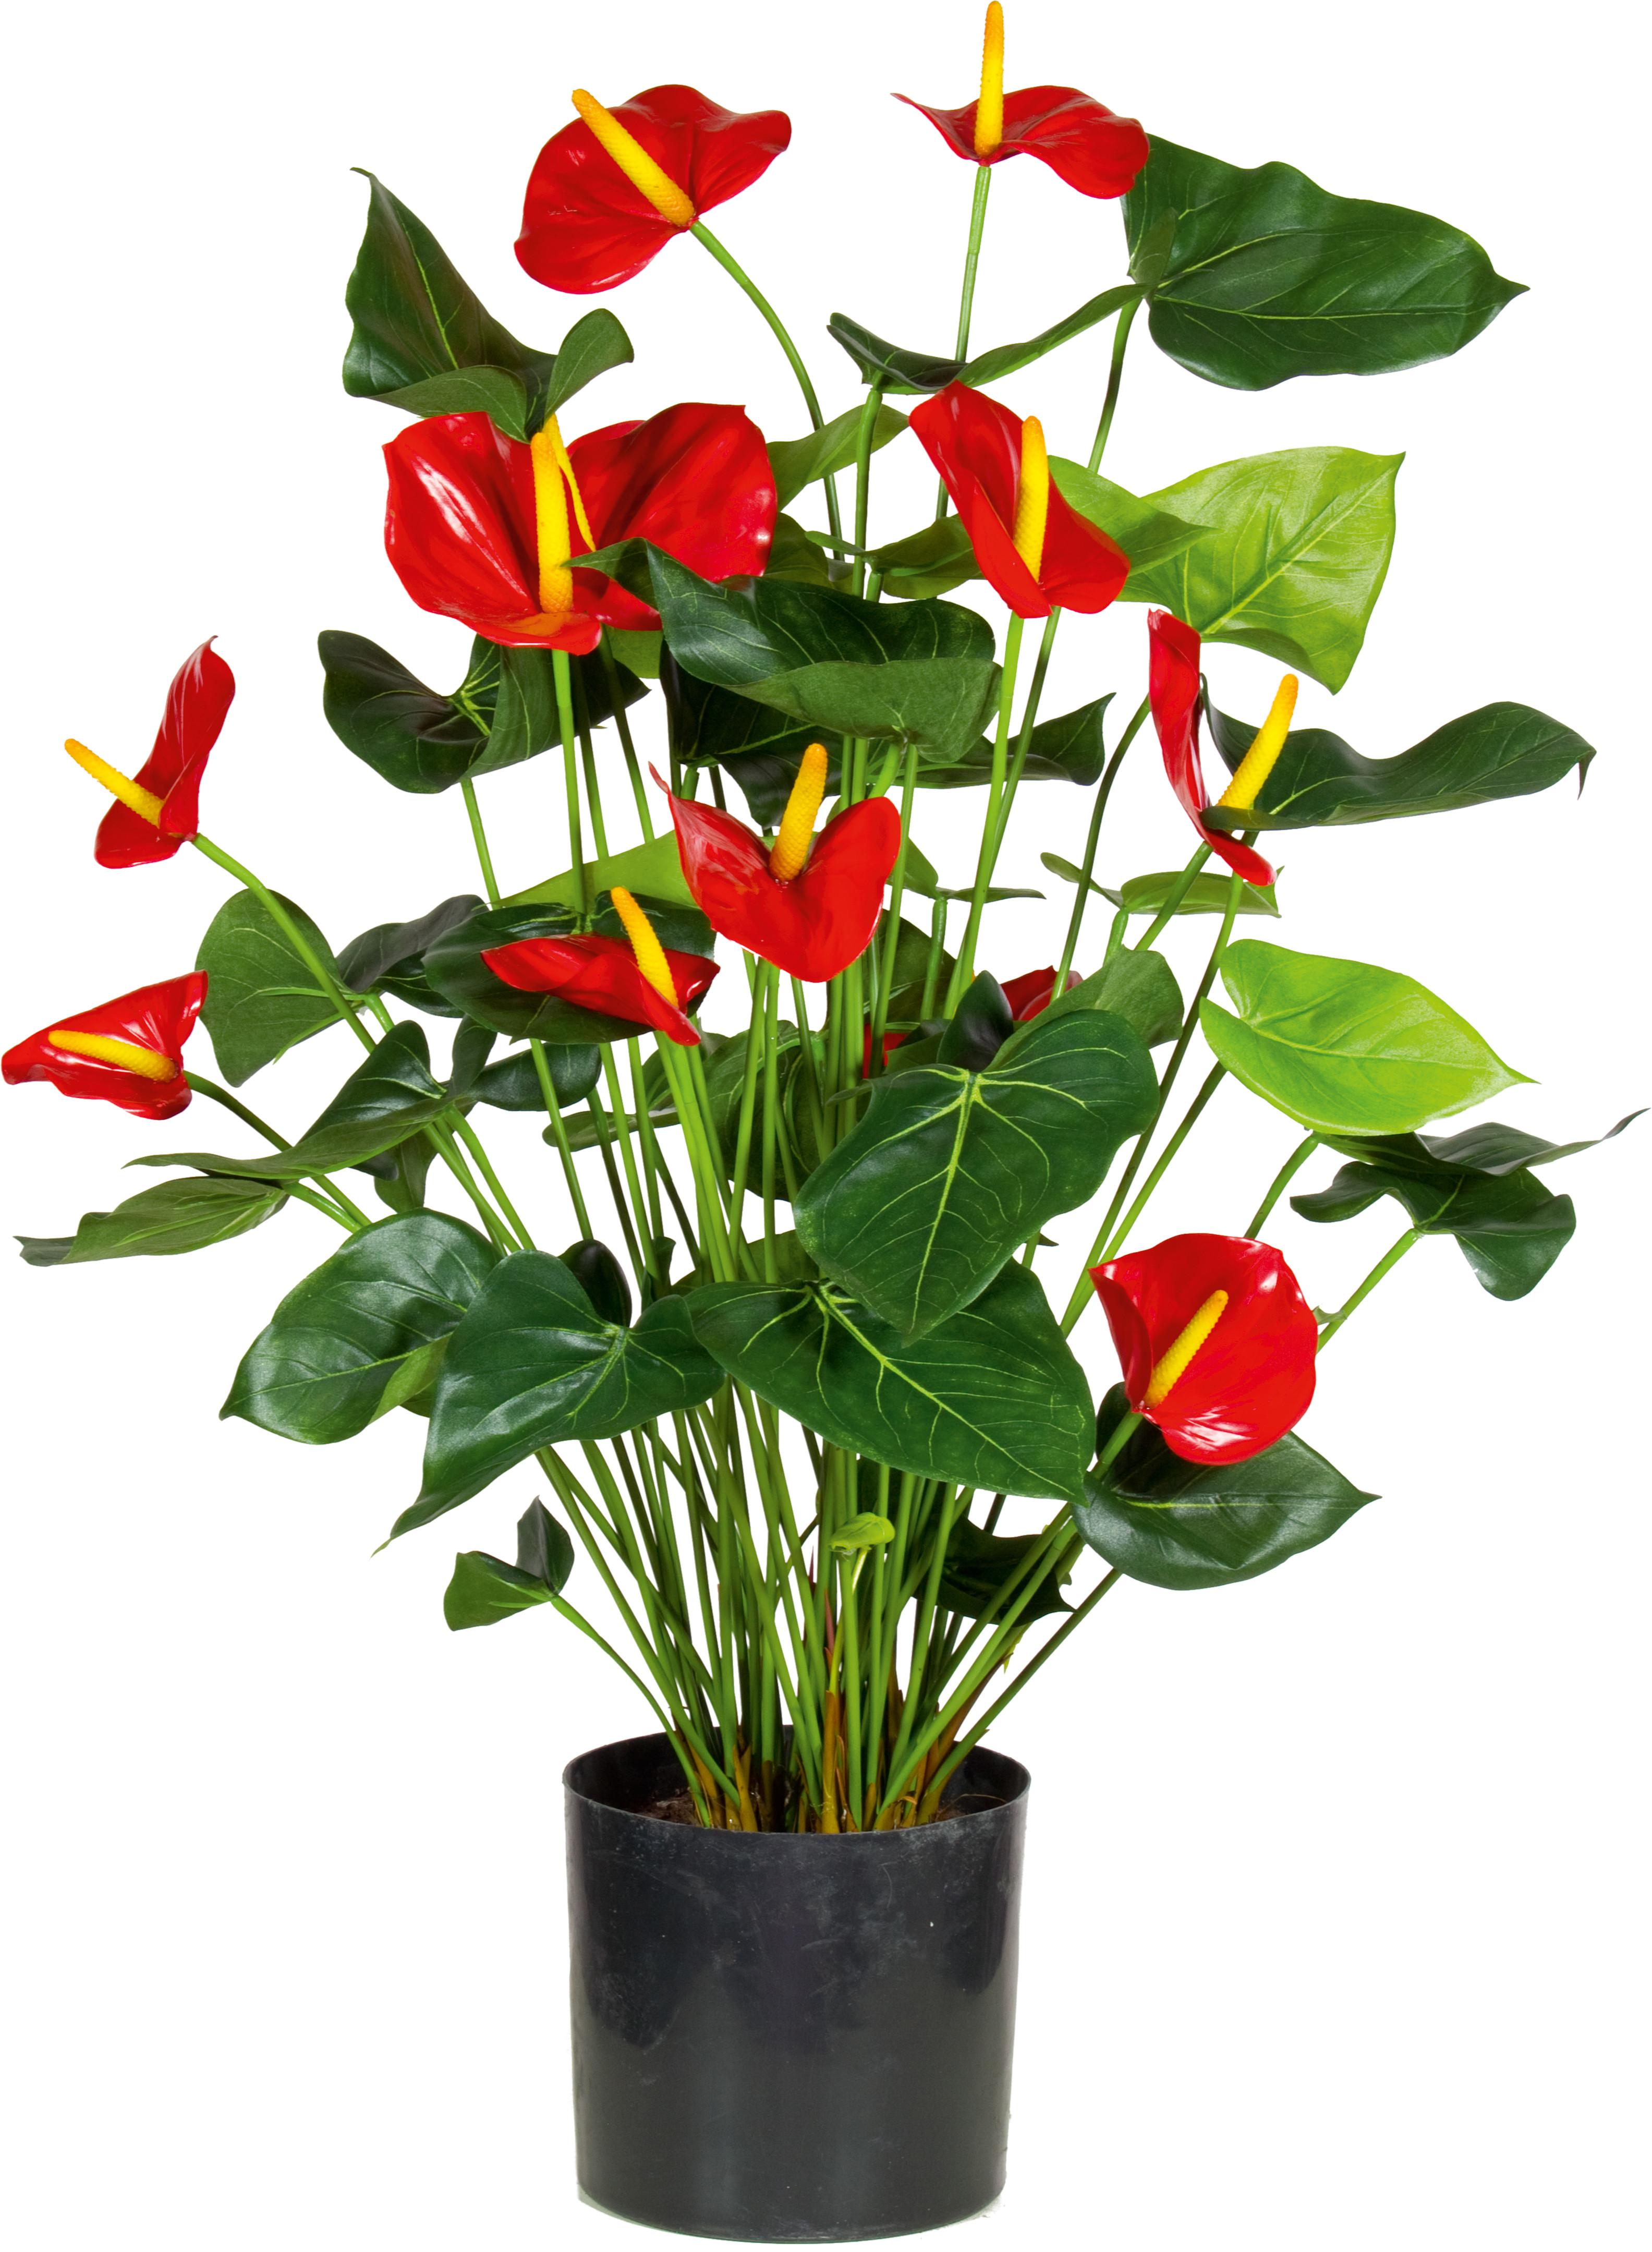 ANTHURIE Kunstpflanze 80 cm Pflanzen Pflanzenbehälter Accessoires Katalog